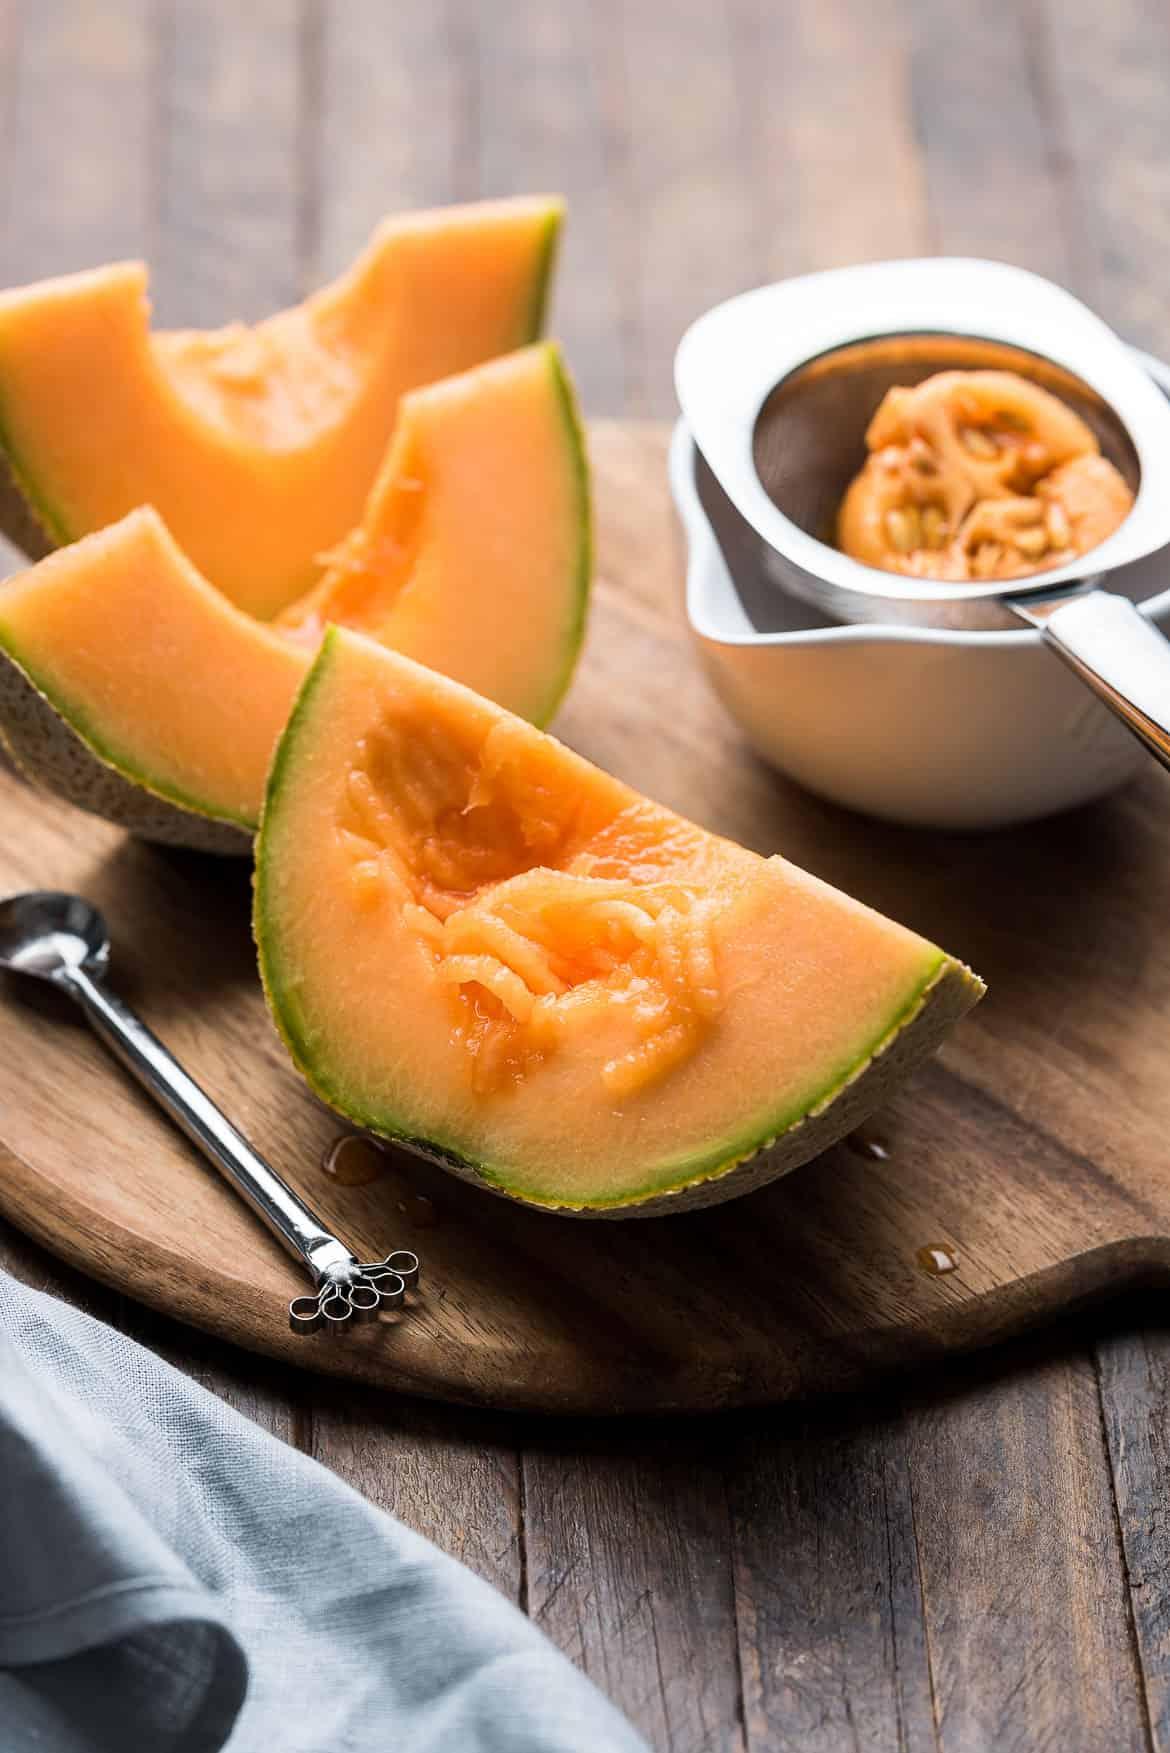 Shredding cantaloupe for Cantaloupe Juice